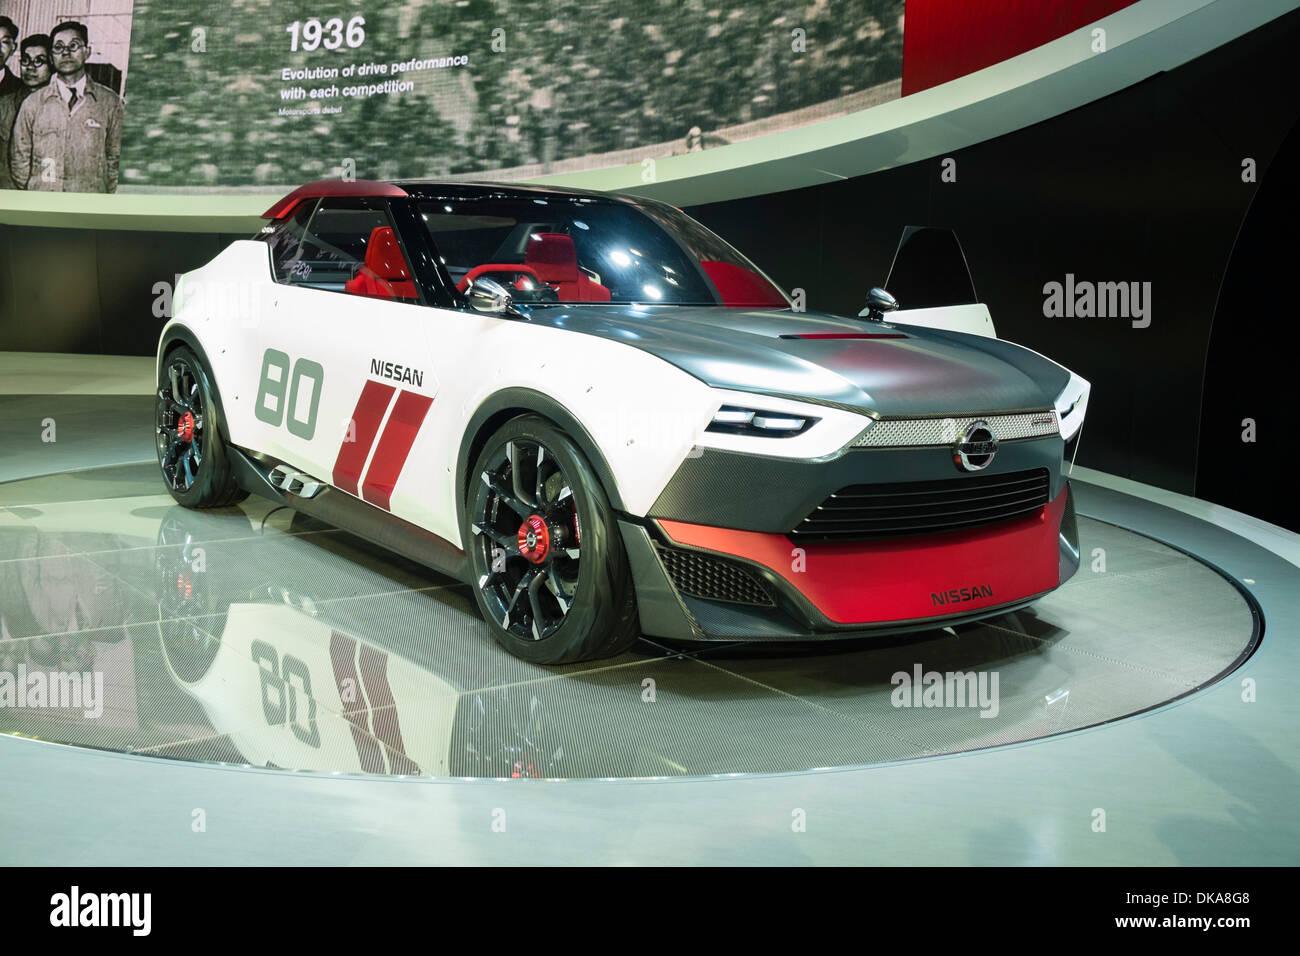 Nissan Freeflow IDx concept car en el Tokyo Motor Show 2013 en Japón Imagen De Stock